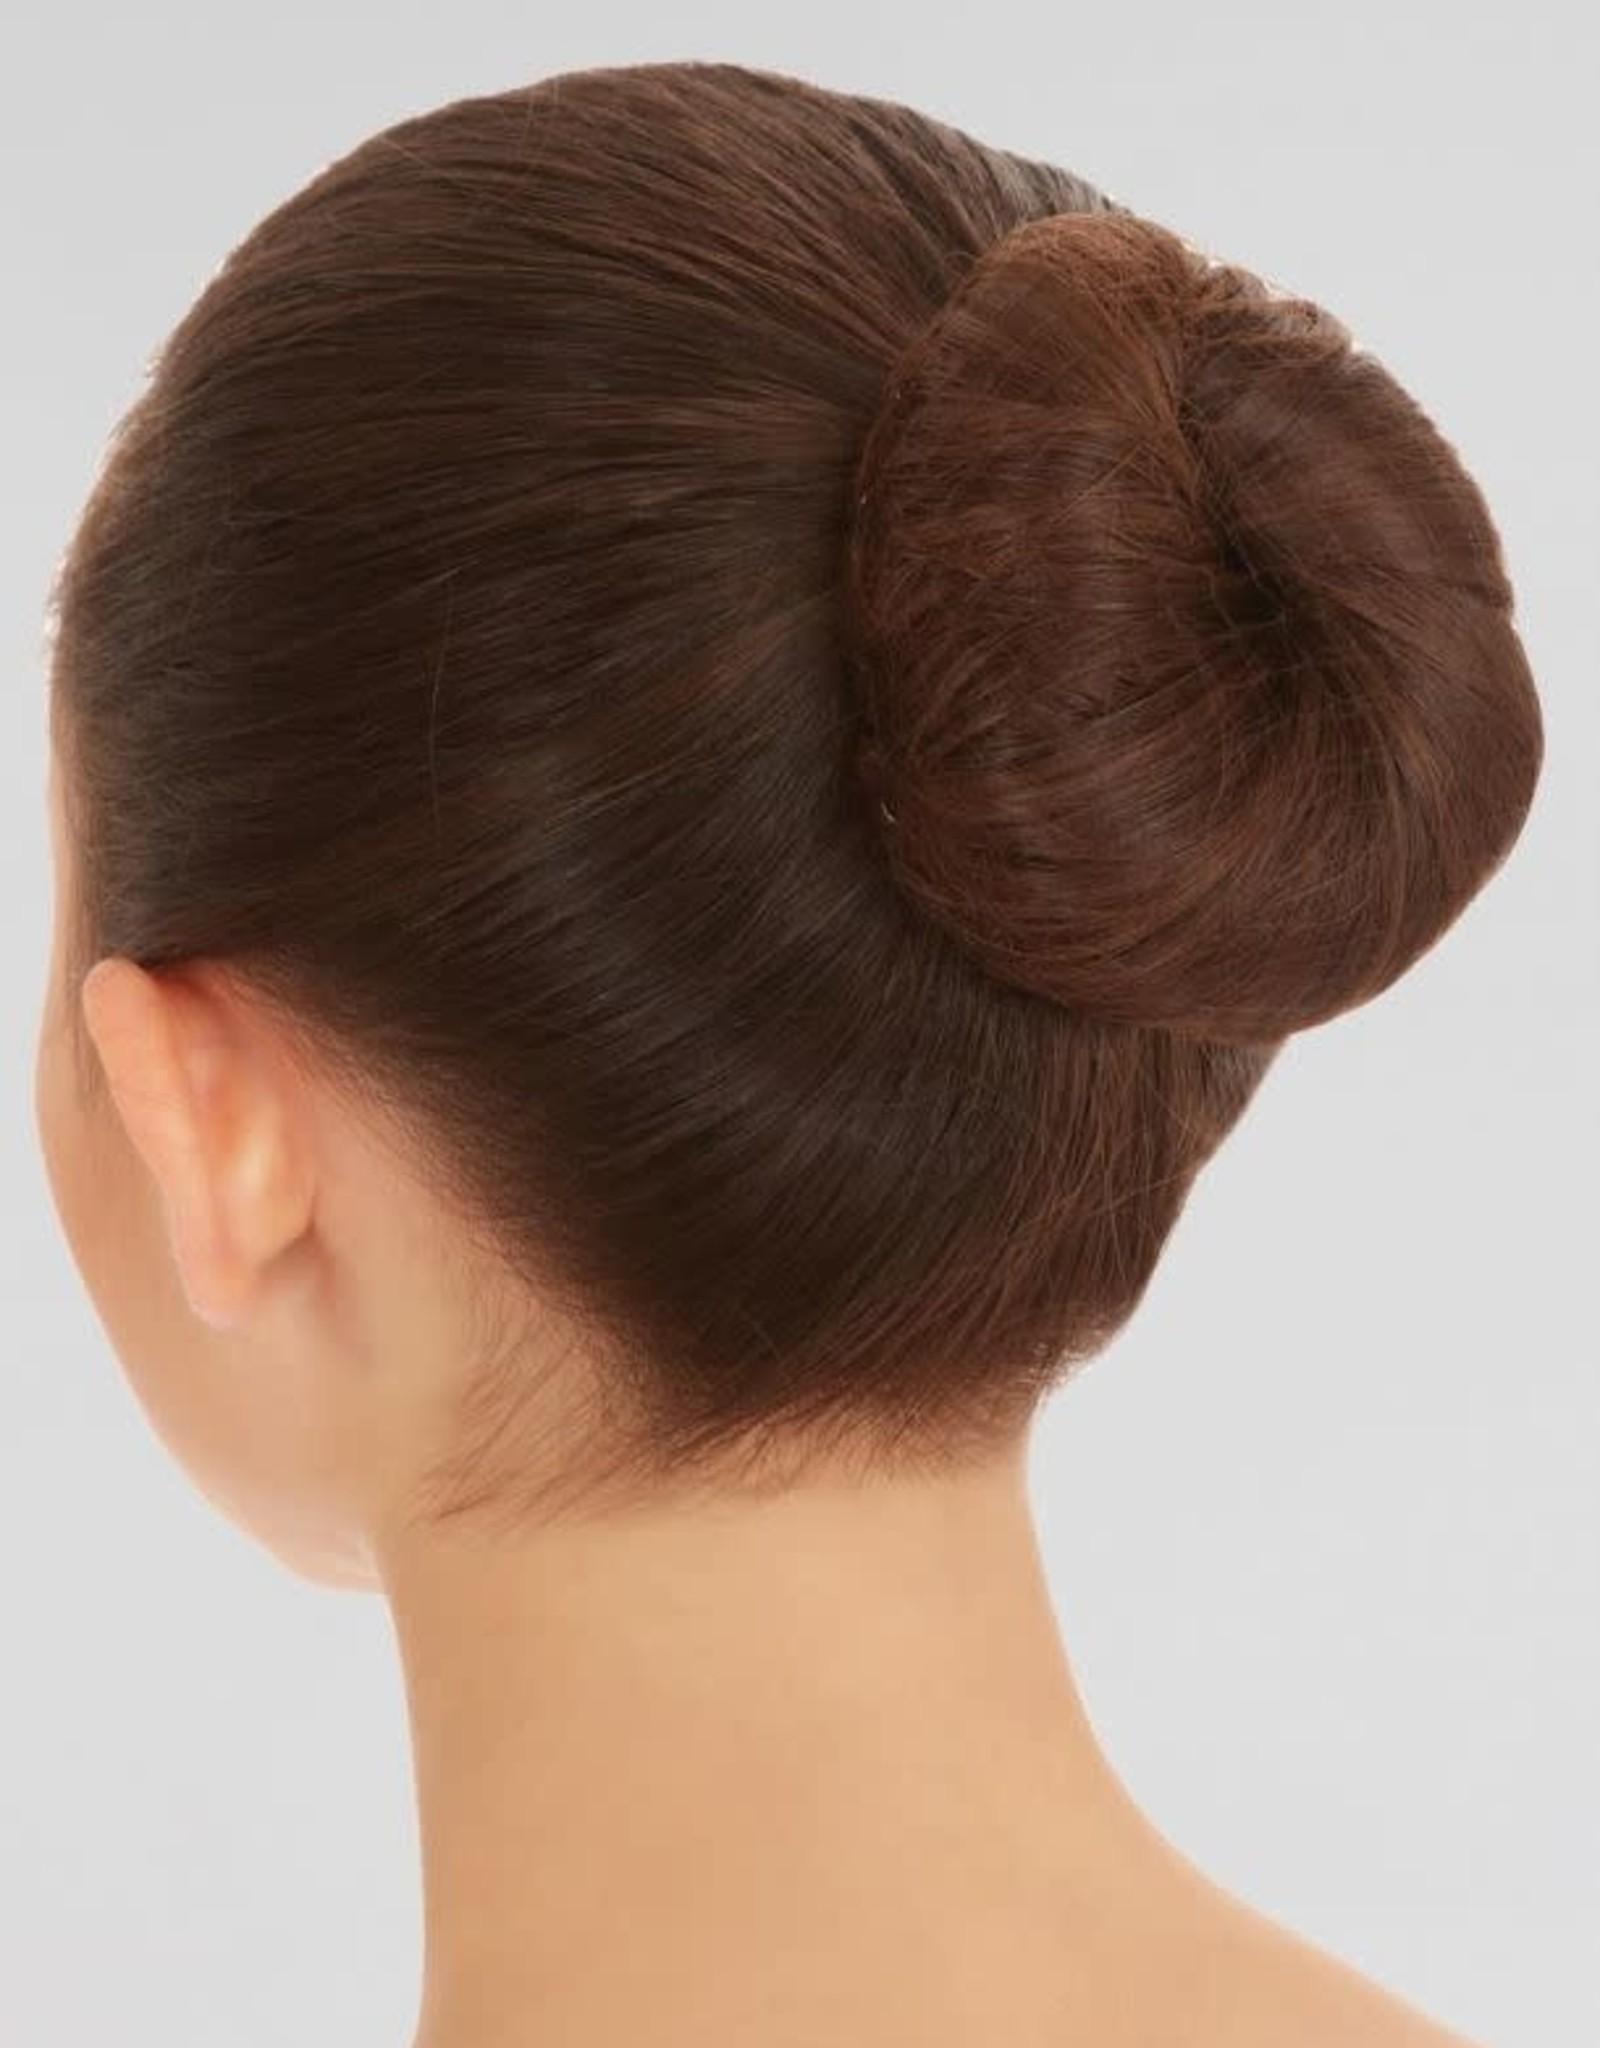 Capezio BH425 AUB Hair Net